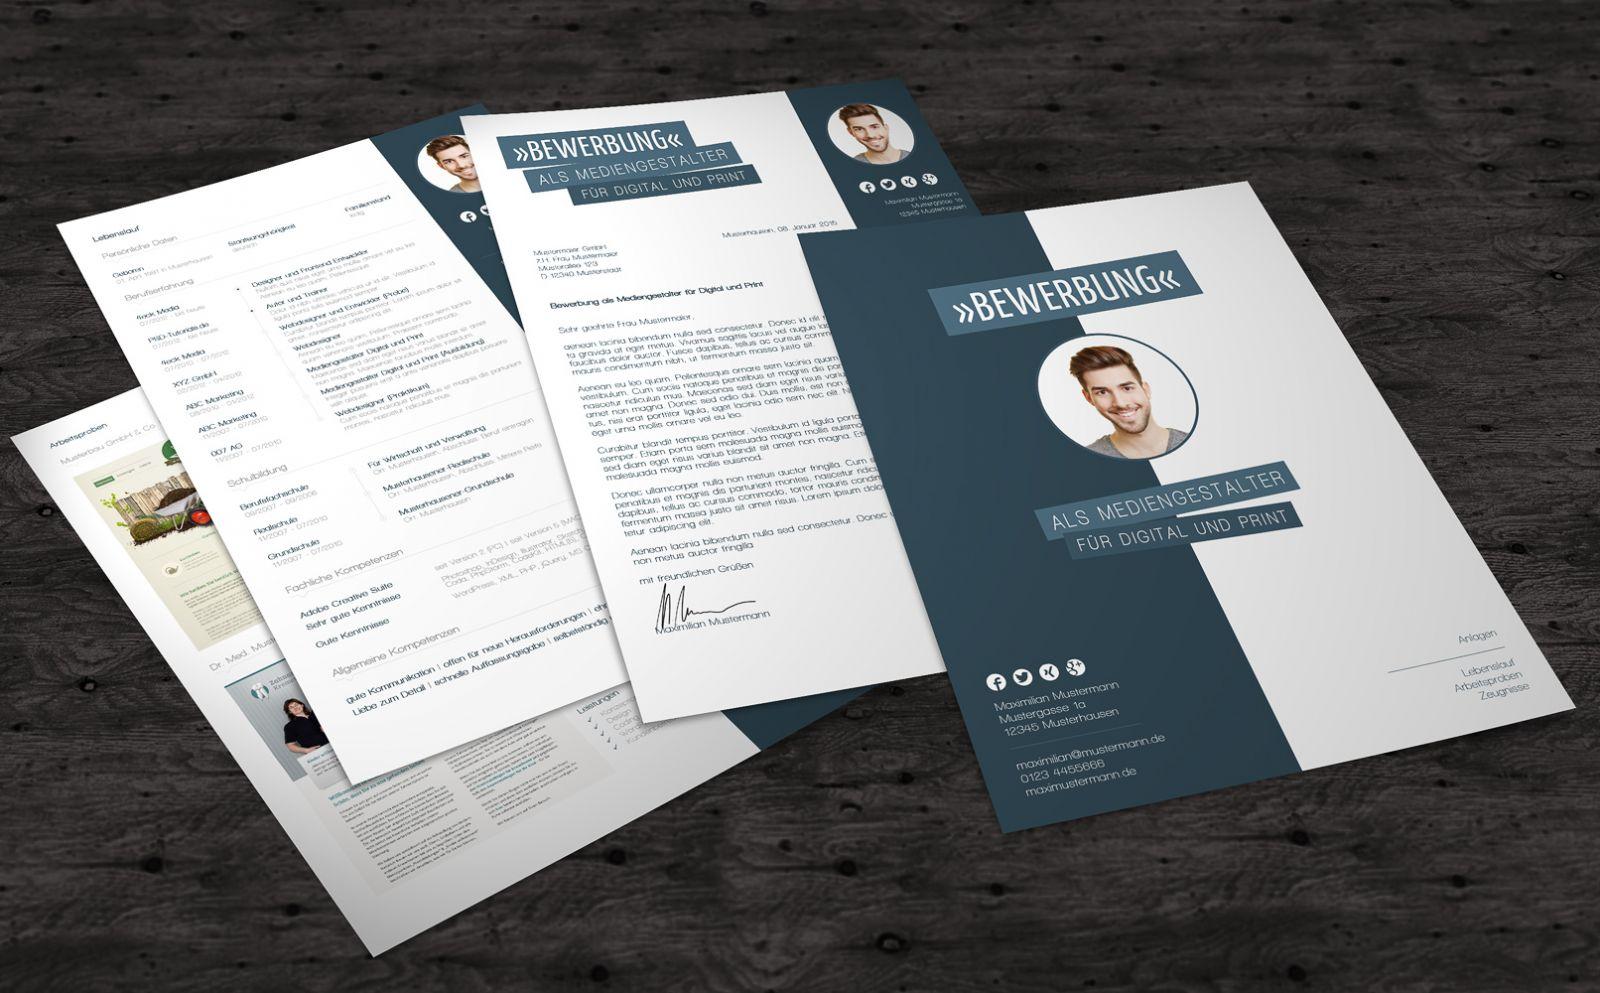 Drachentest] Bewerbungsvorlagen von PSD-Tutorials.de *Werbung ...